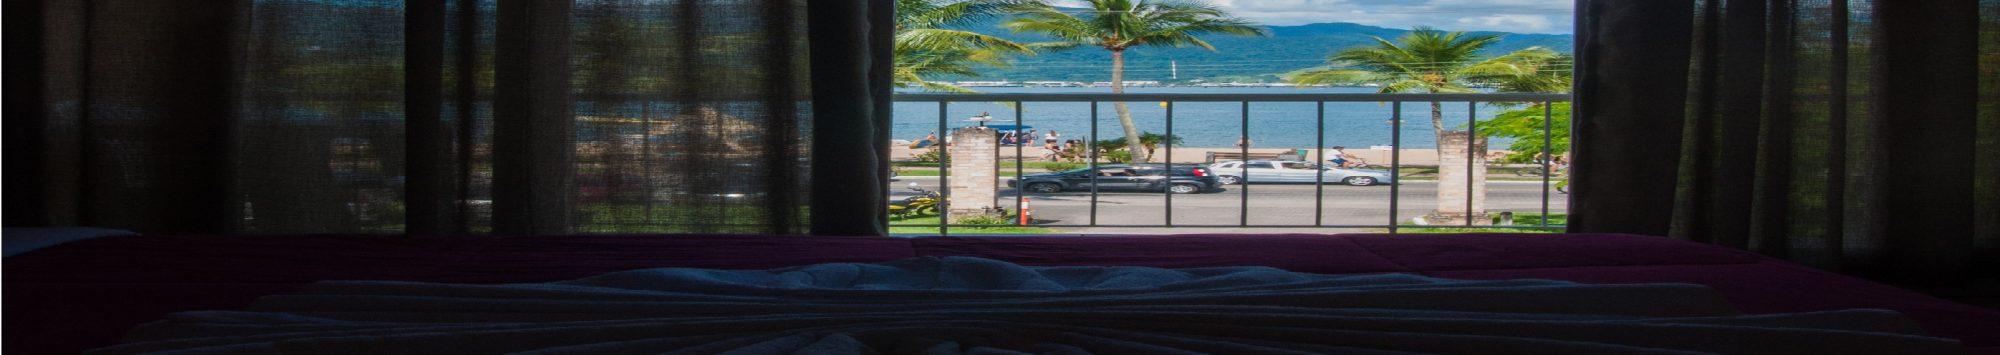 Hotel Pelicano - ILHABELA